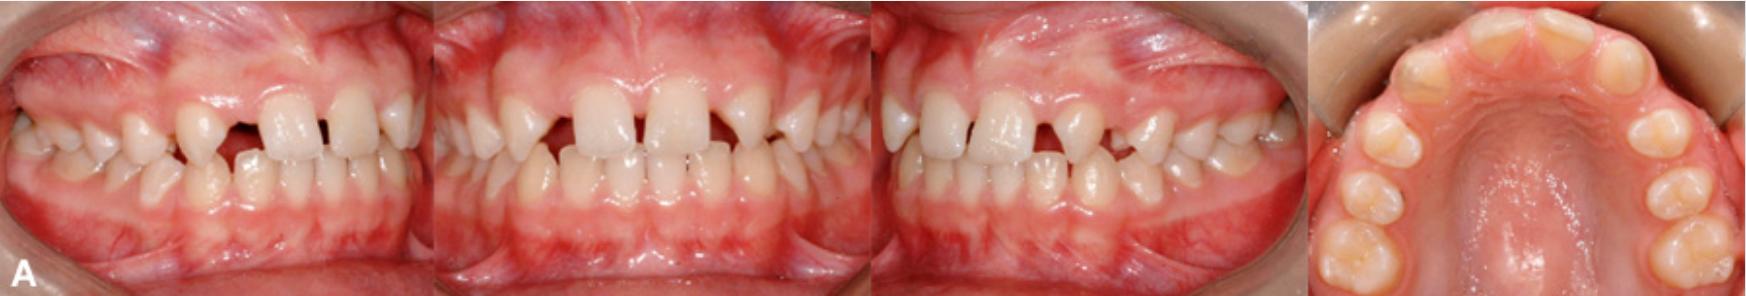 3 1 - فقدان مادرزادی دندان